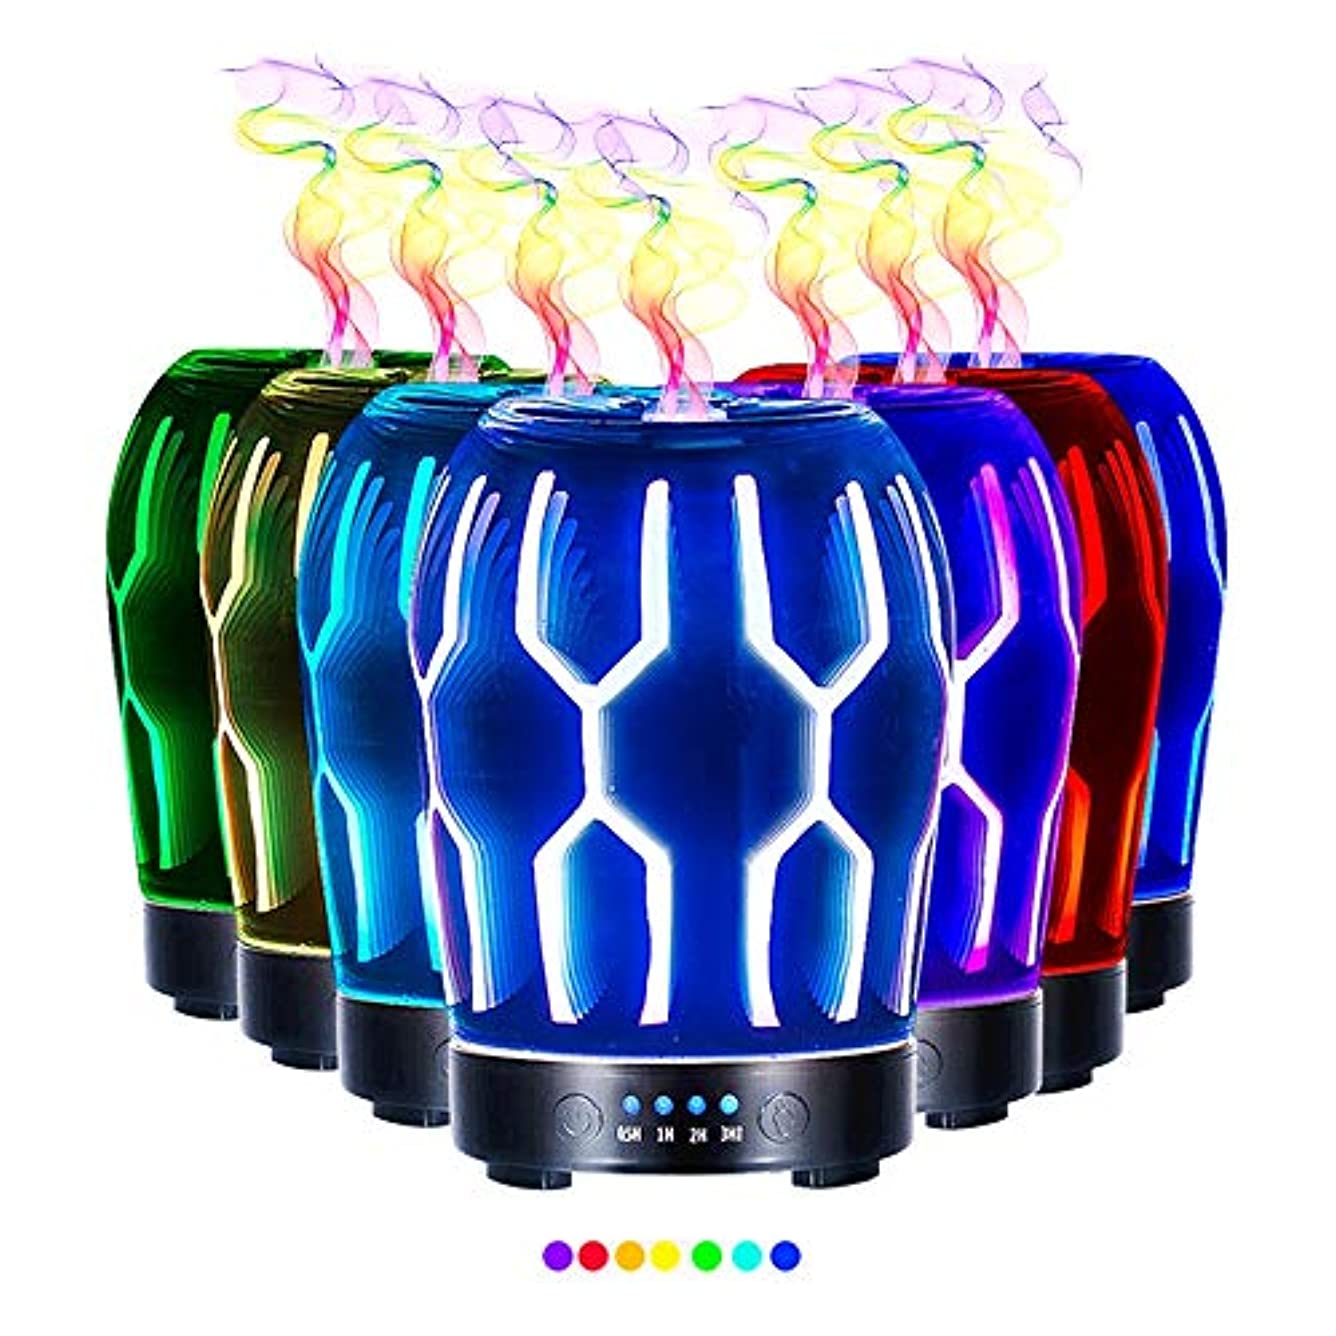 あいまいさ含意アイロニーエッセンシャルオイル用ディフューザー (100ml)-クリエイティブガラスハッカーマトリックスアロマ加湿器7色の変更 LED ライト & 4 タイマー設定、水なしの自動シャットオフ